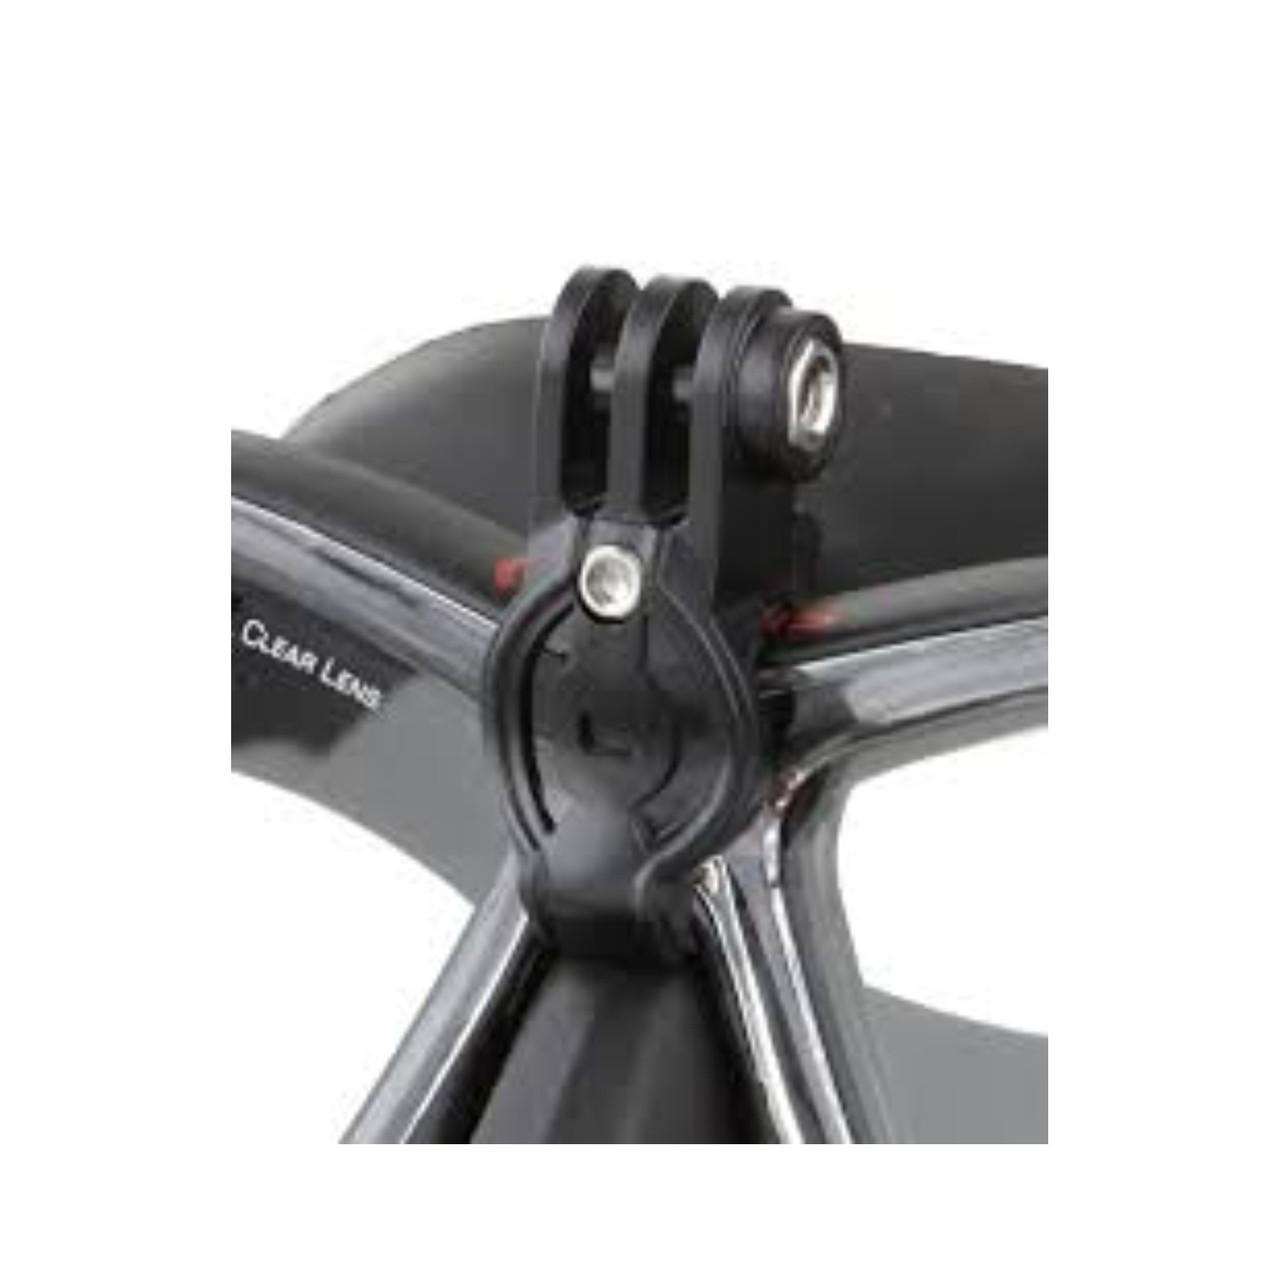 GoPro Mount for Hollis M3 mask